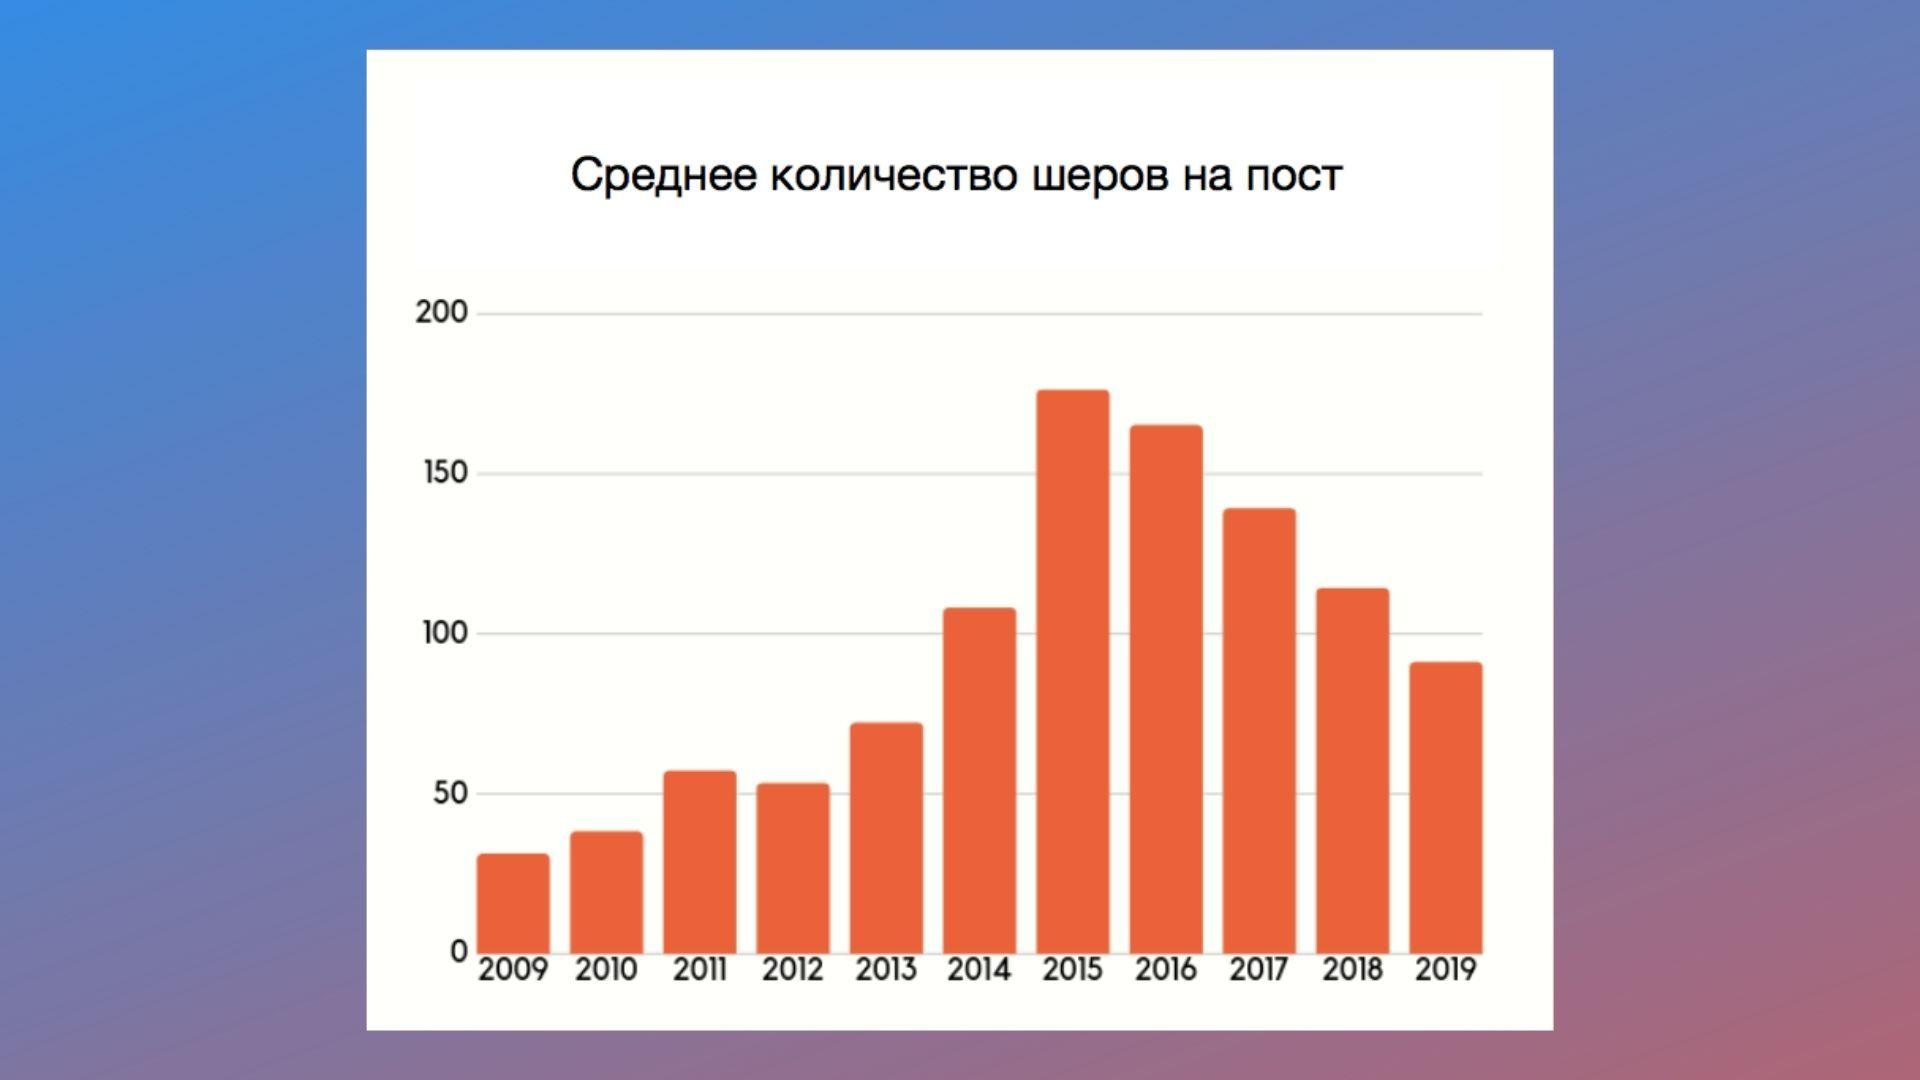 График репостов по годам сначала рос, а потом начал падать